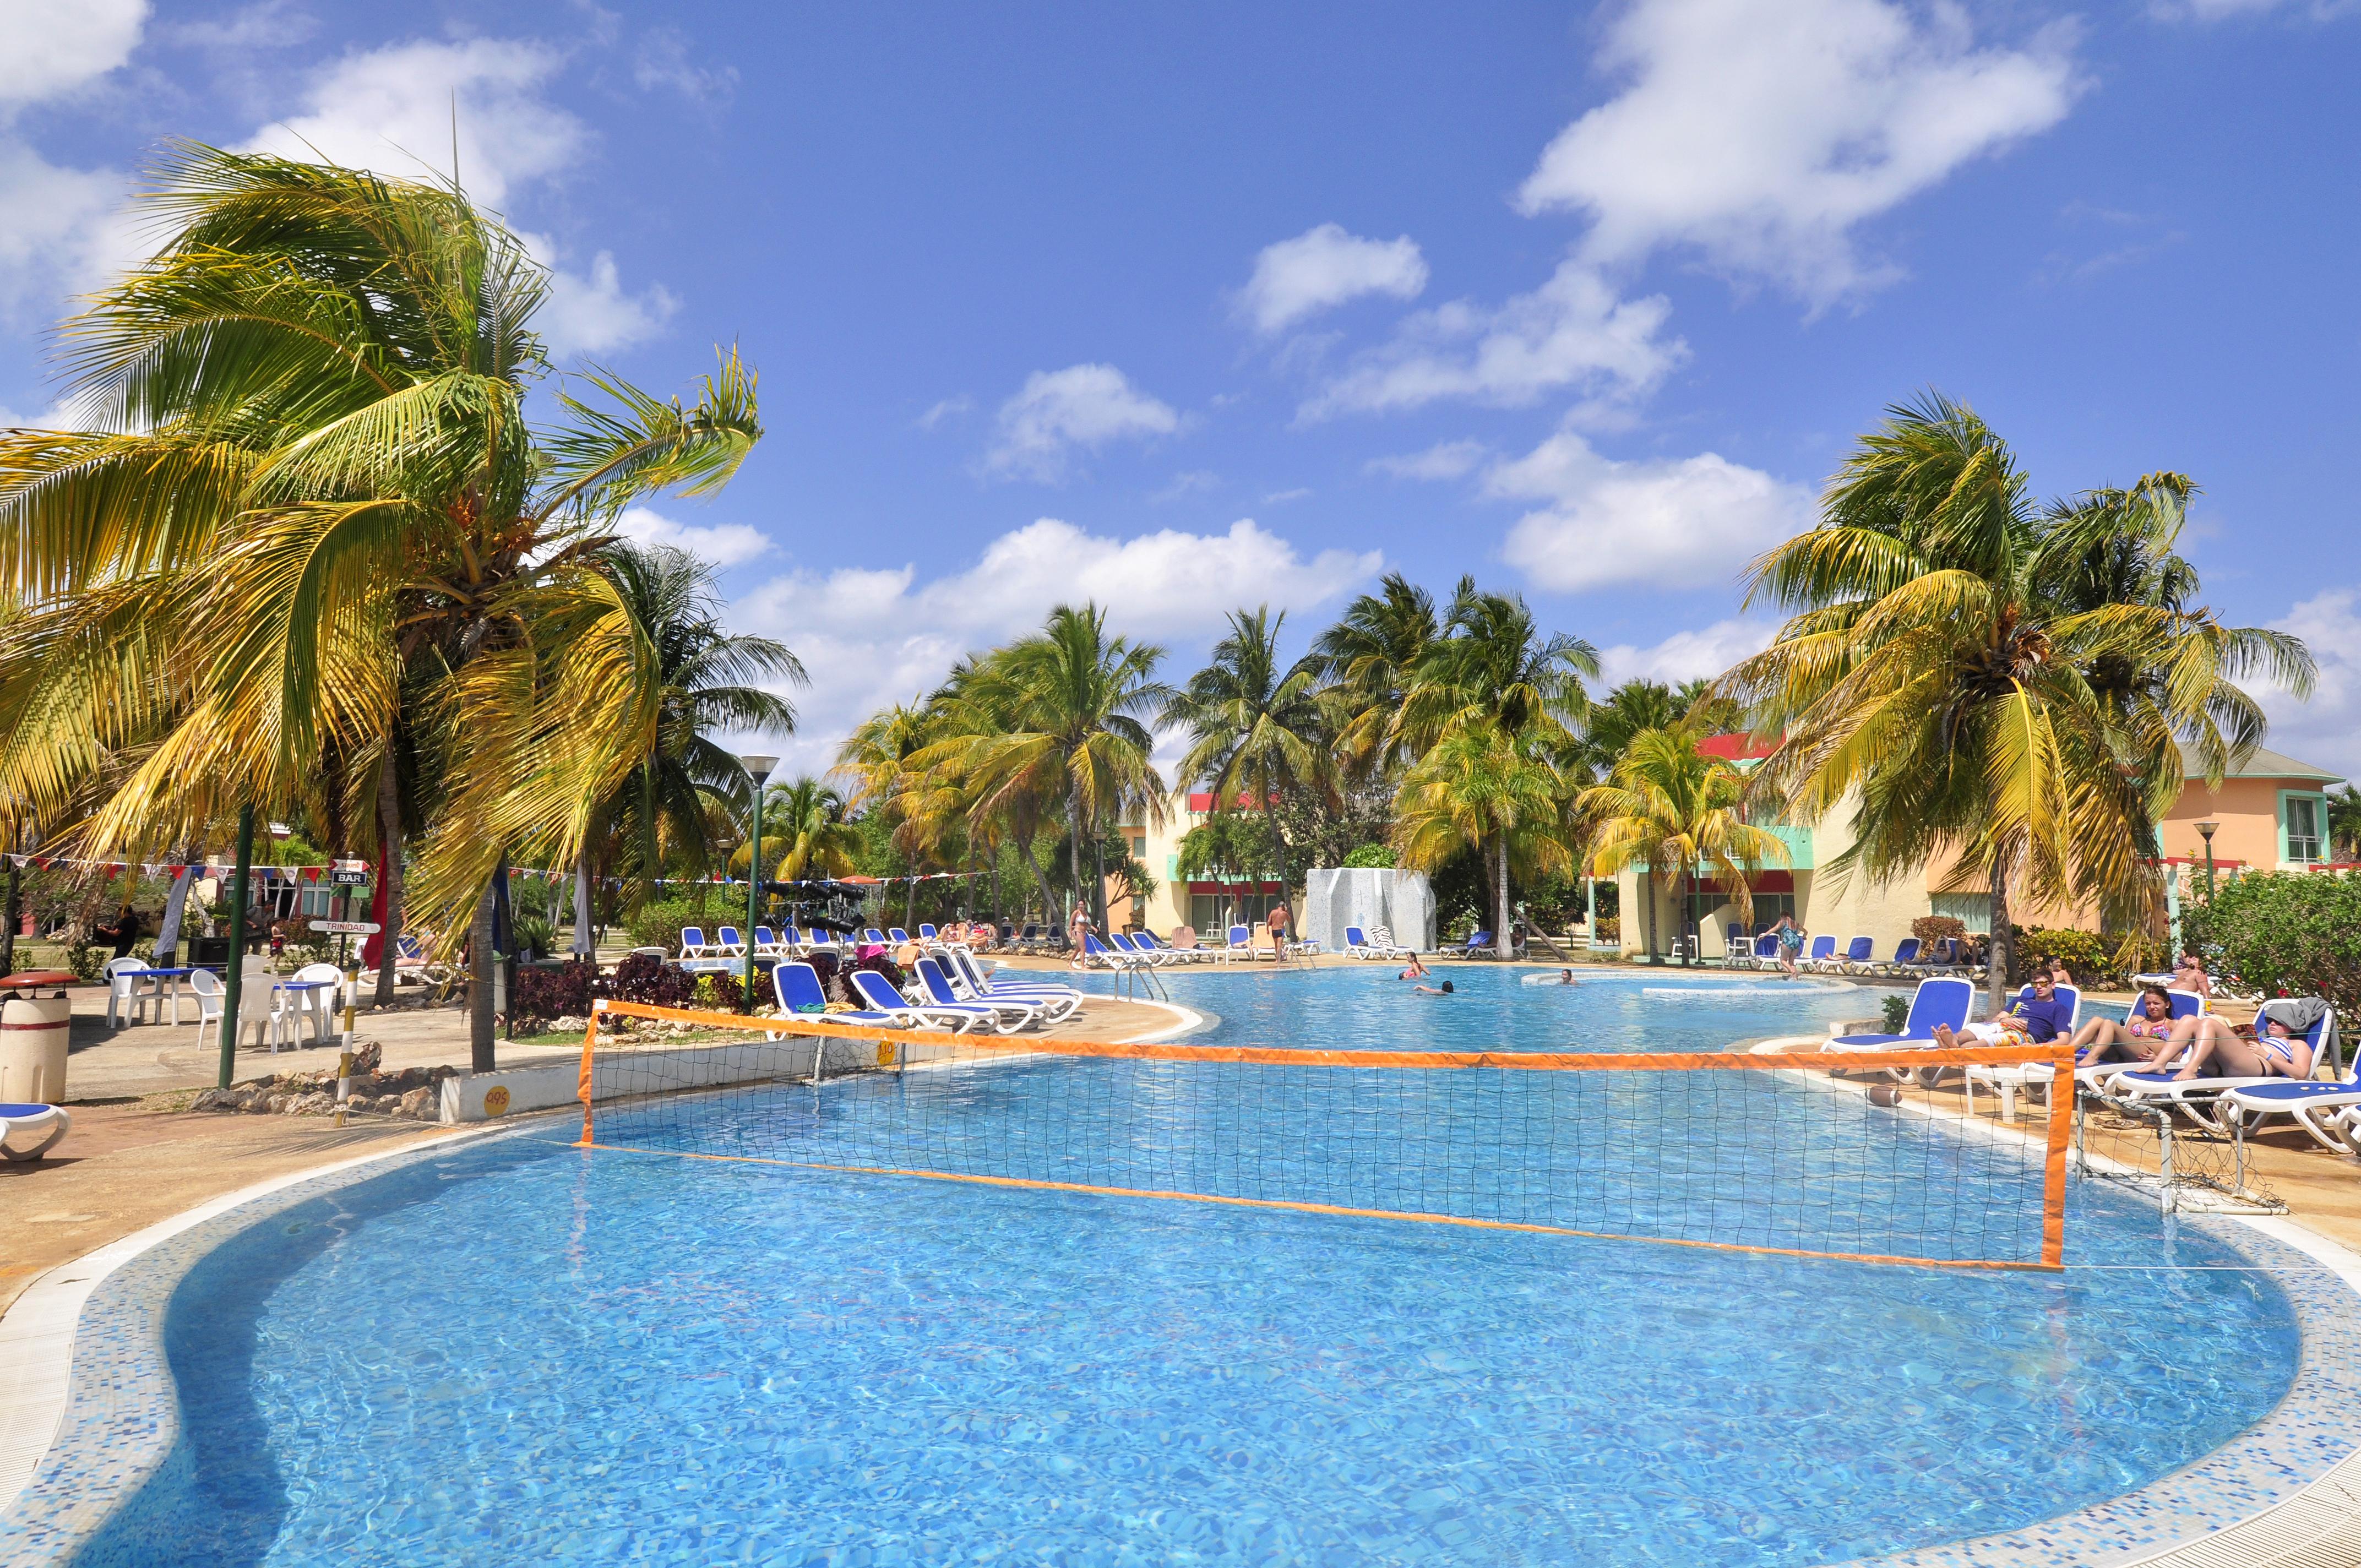 Hotel club amigo aguas azules high resolution photos